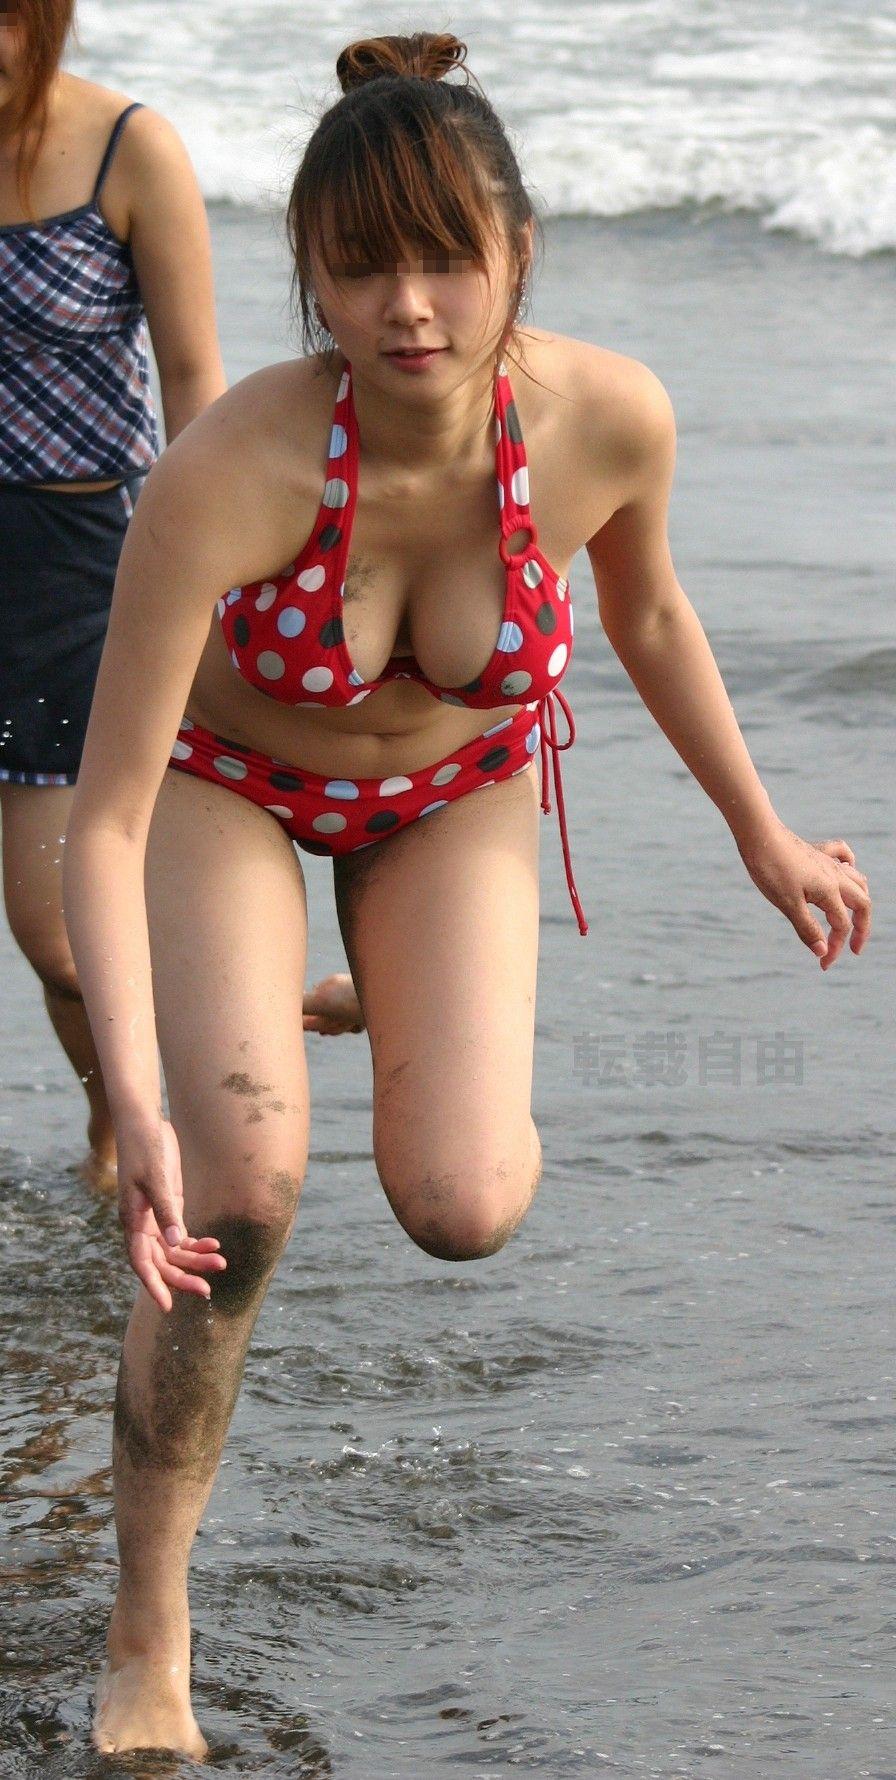 素人の水着画像がぐうシコでマジ感謝wwwwwwwwwwww WQfmmYY